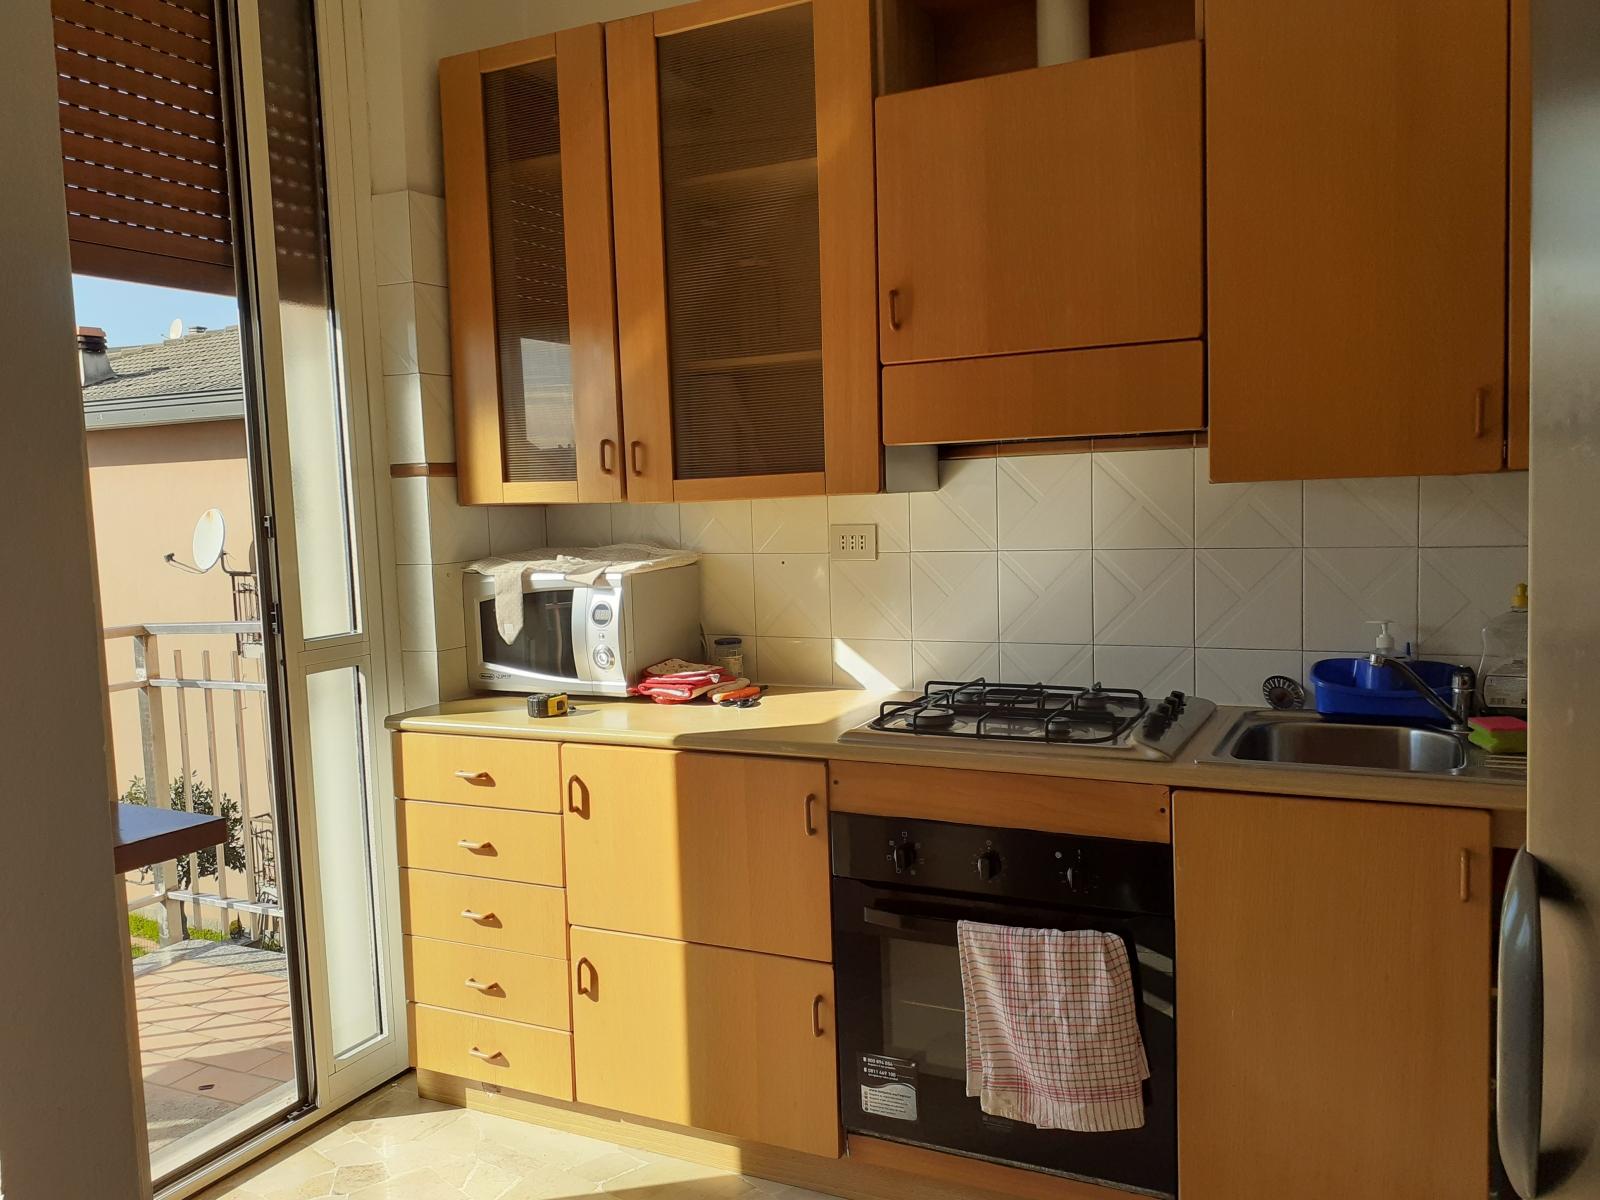 appartamento-in-vendita-a-cornaredo-milano-3-locali-trilocale-spaziourbano-immobiliare-vende-16